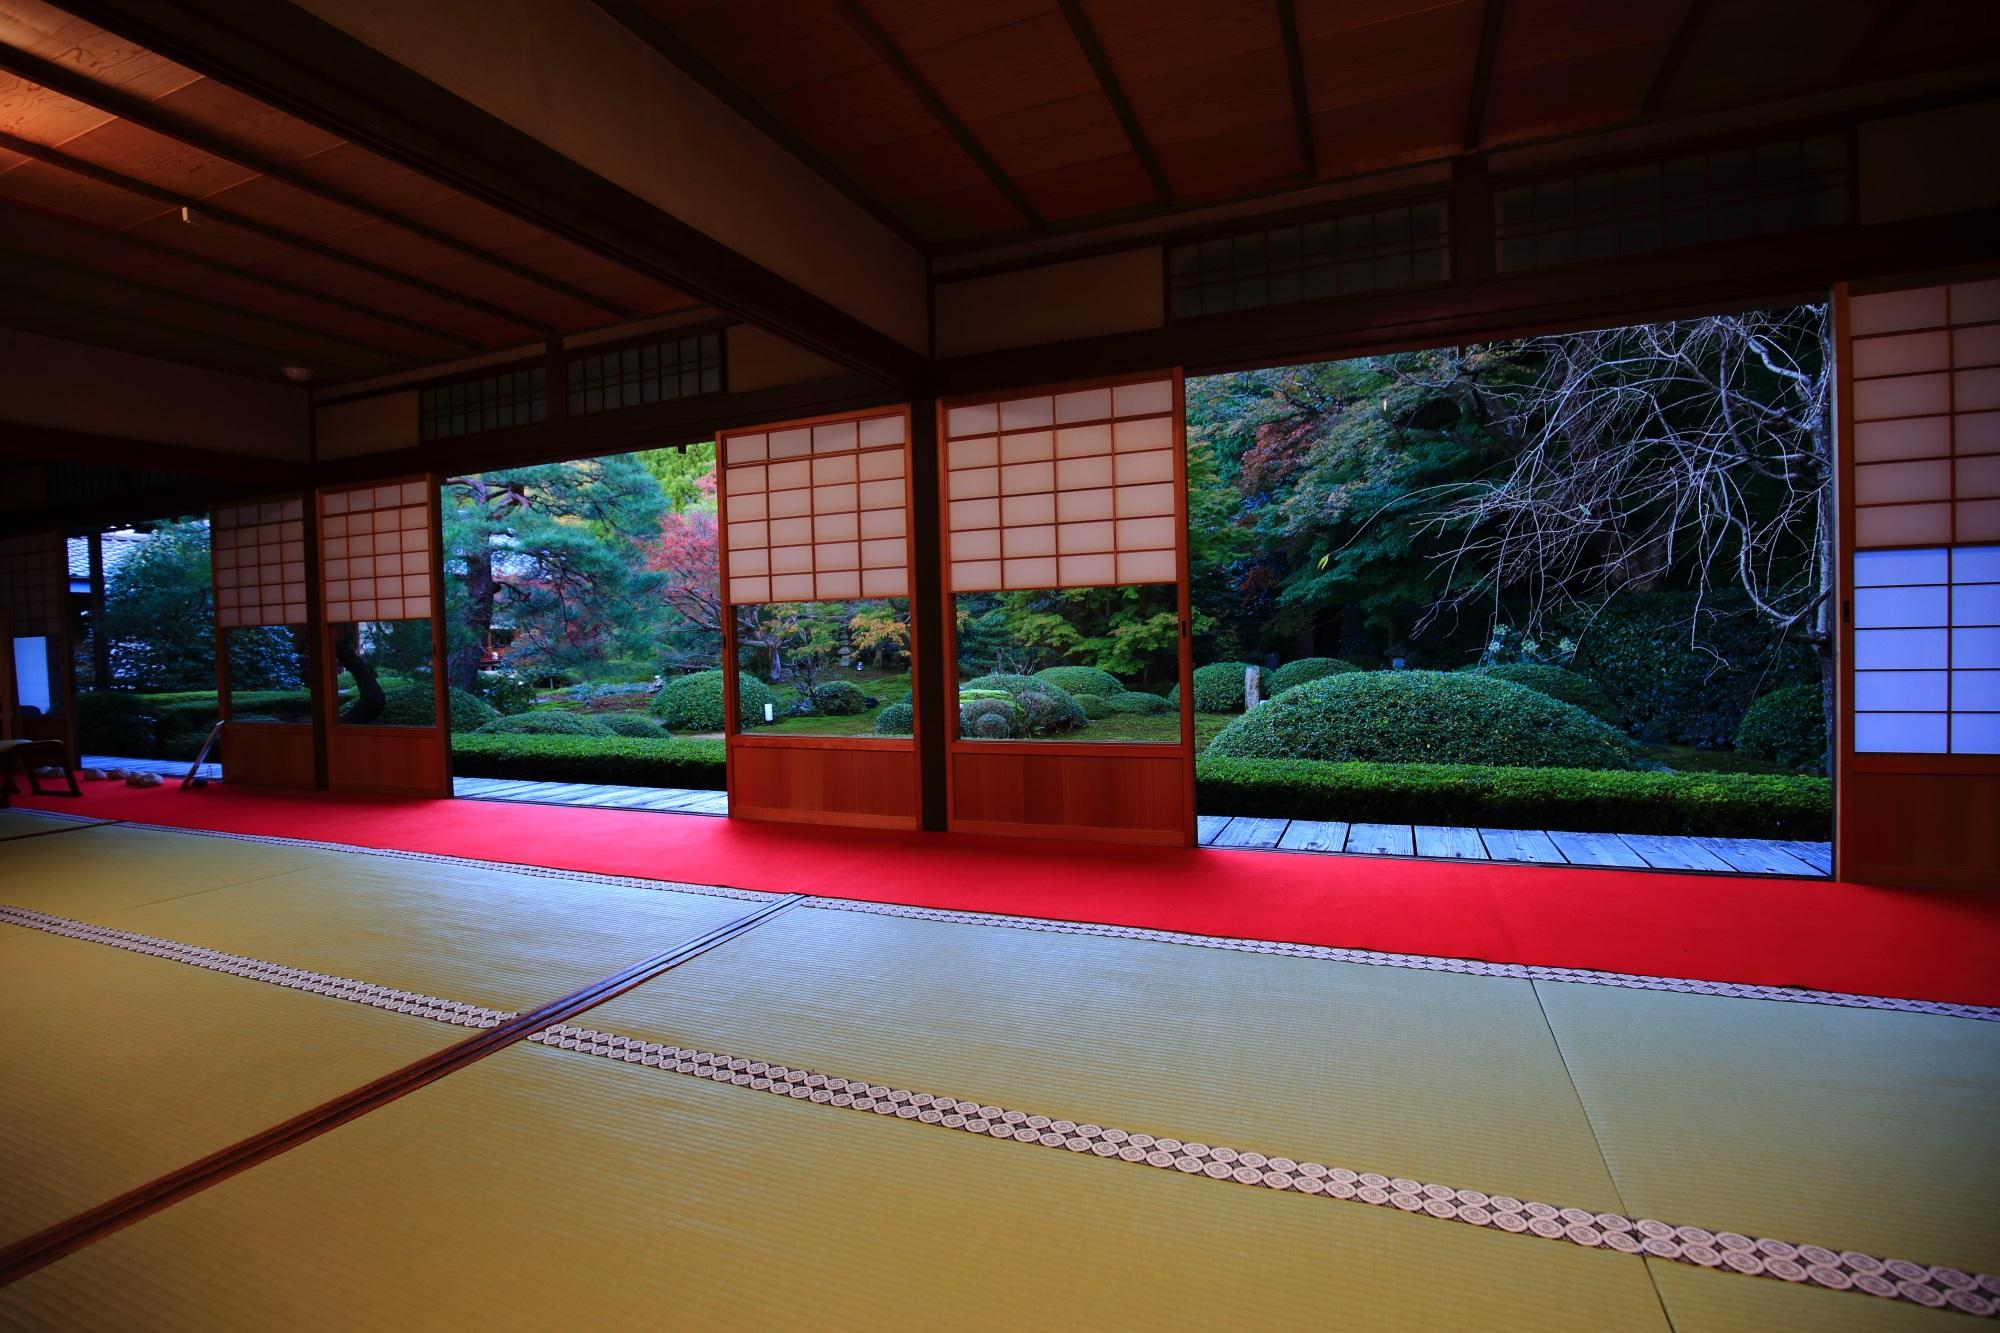 泉涌寺別院の雲龍院の茶室から眺めた庭園